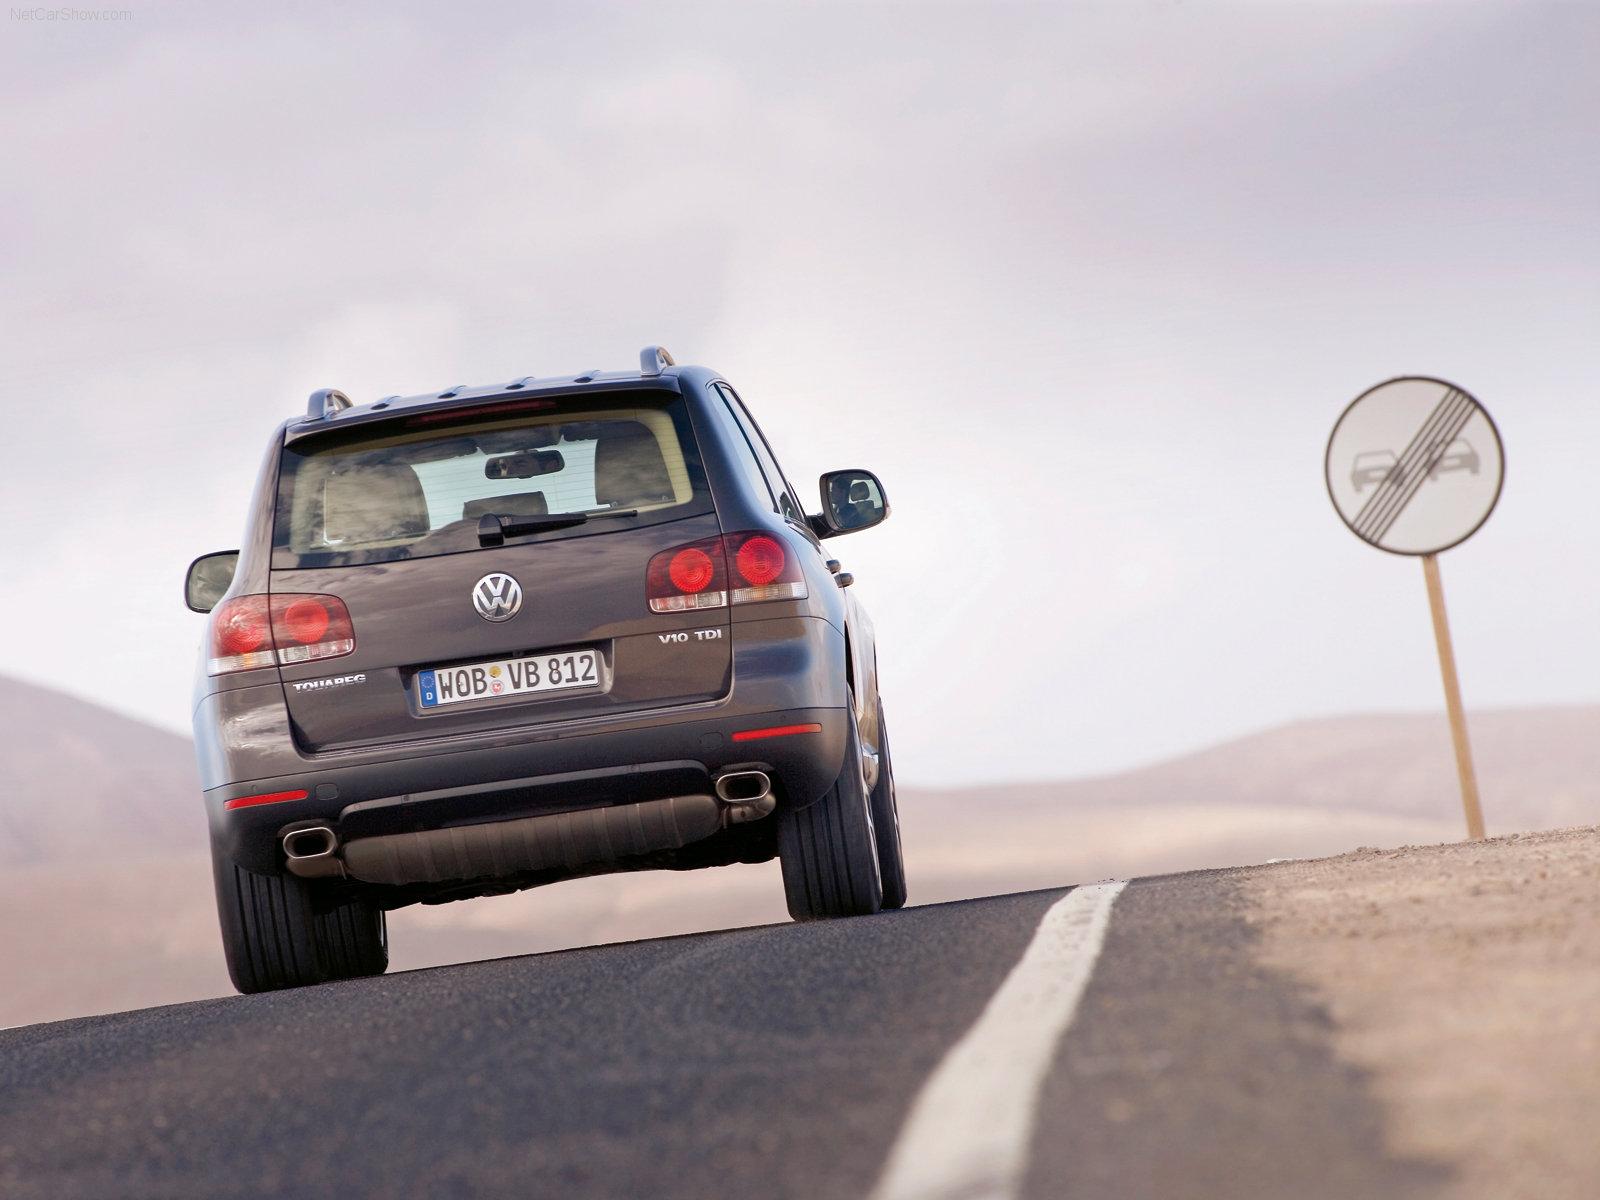 http://w04.ru/foto/Volkswagen-Touareg_2007_1600x1200_wallpaper_1d.jpg